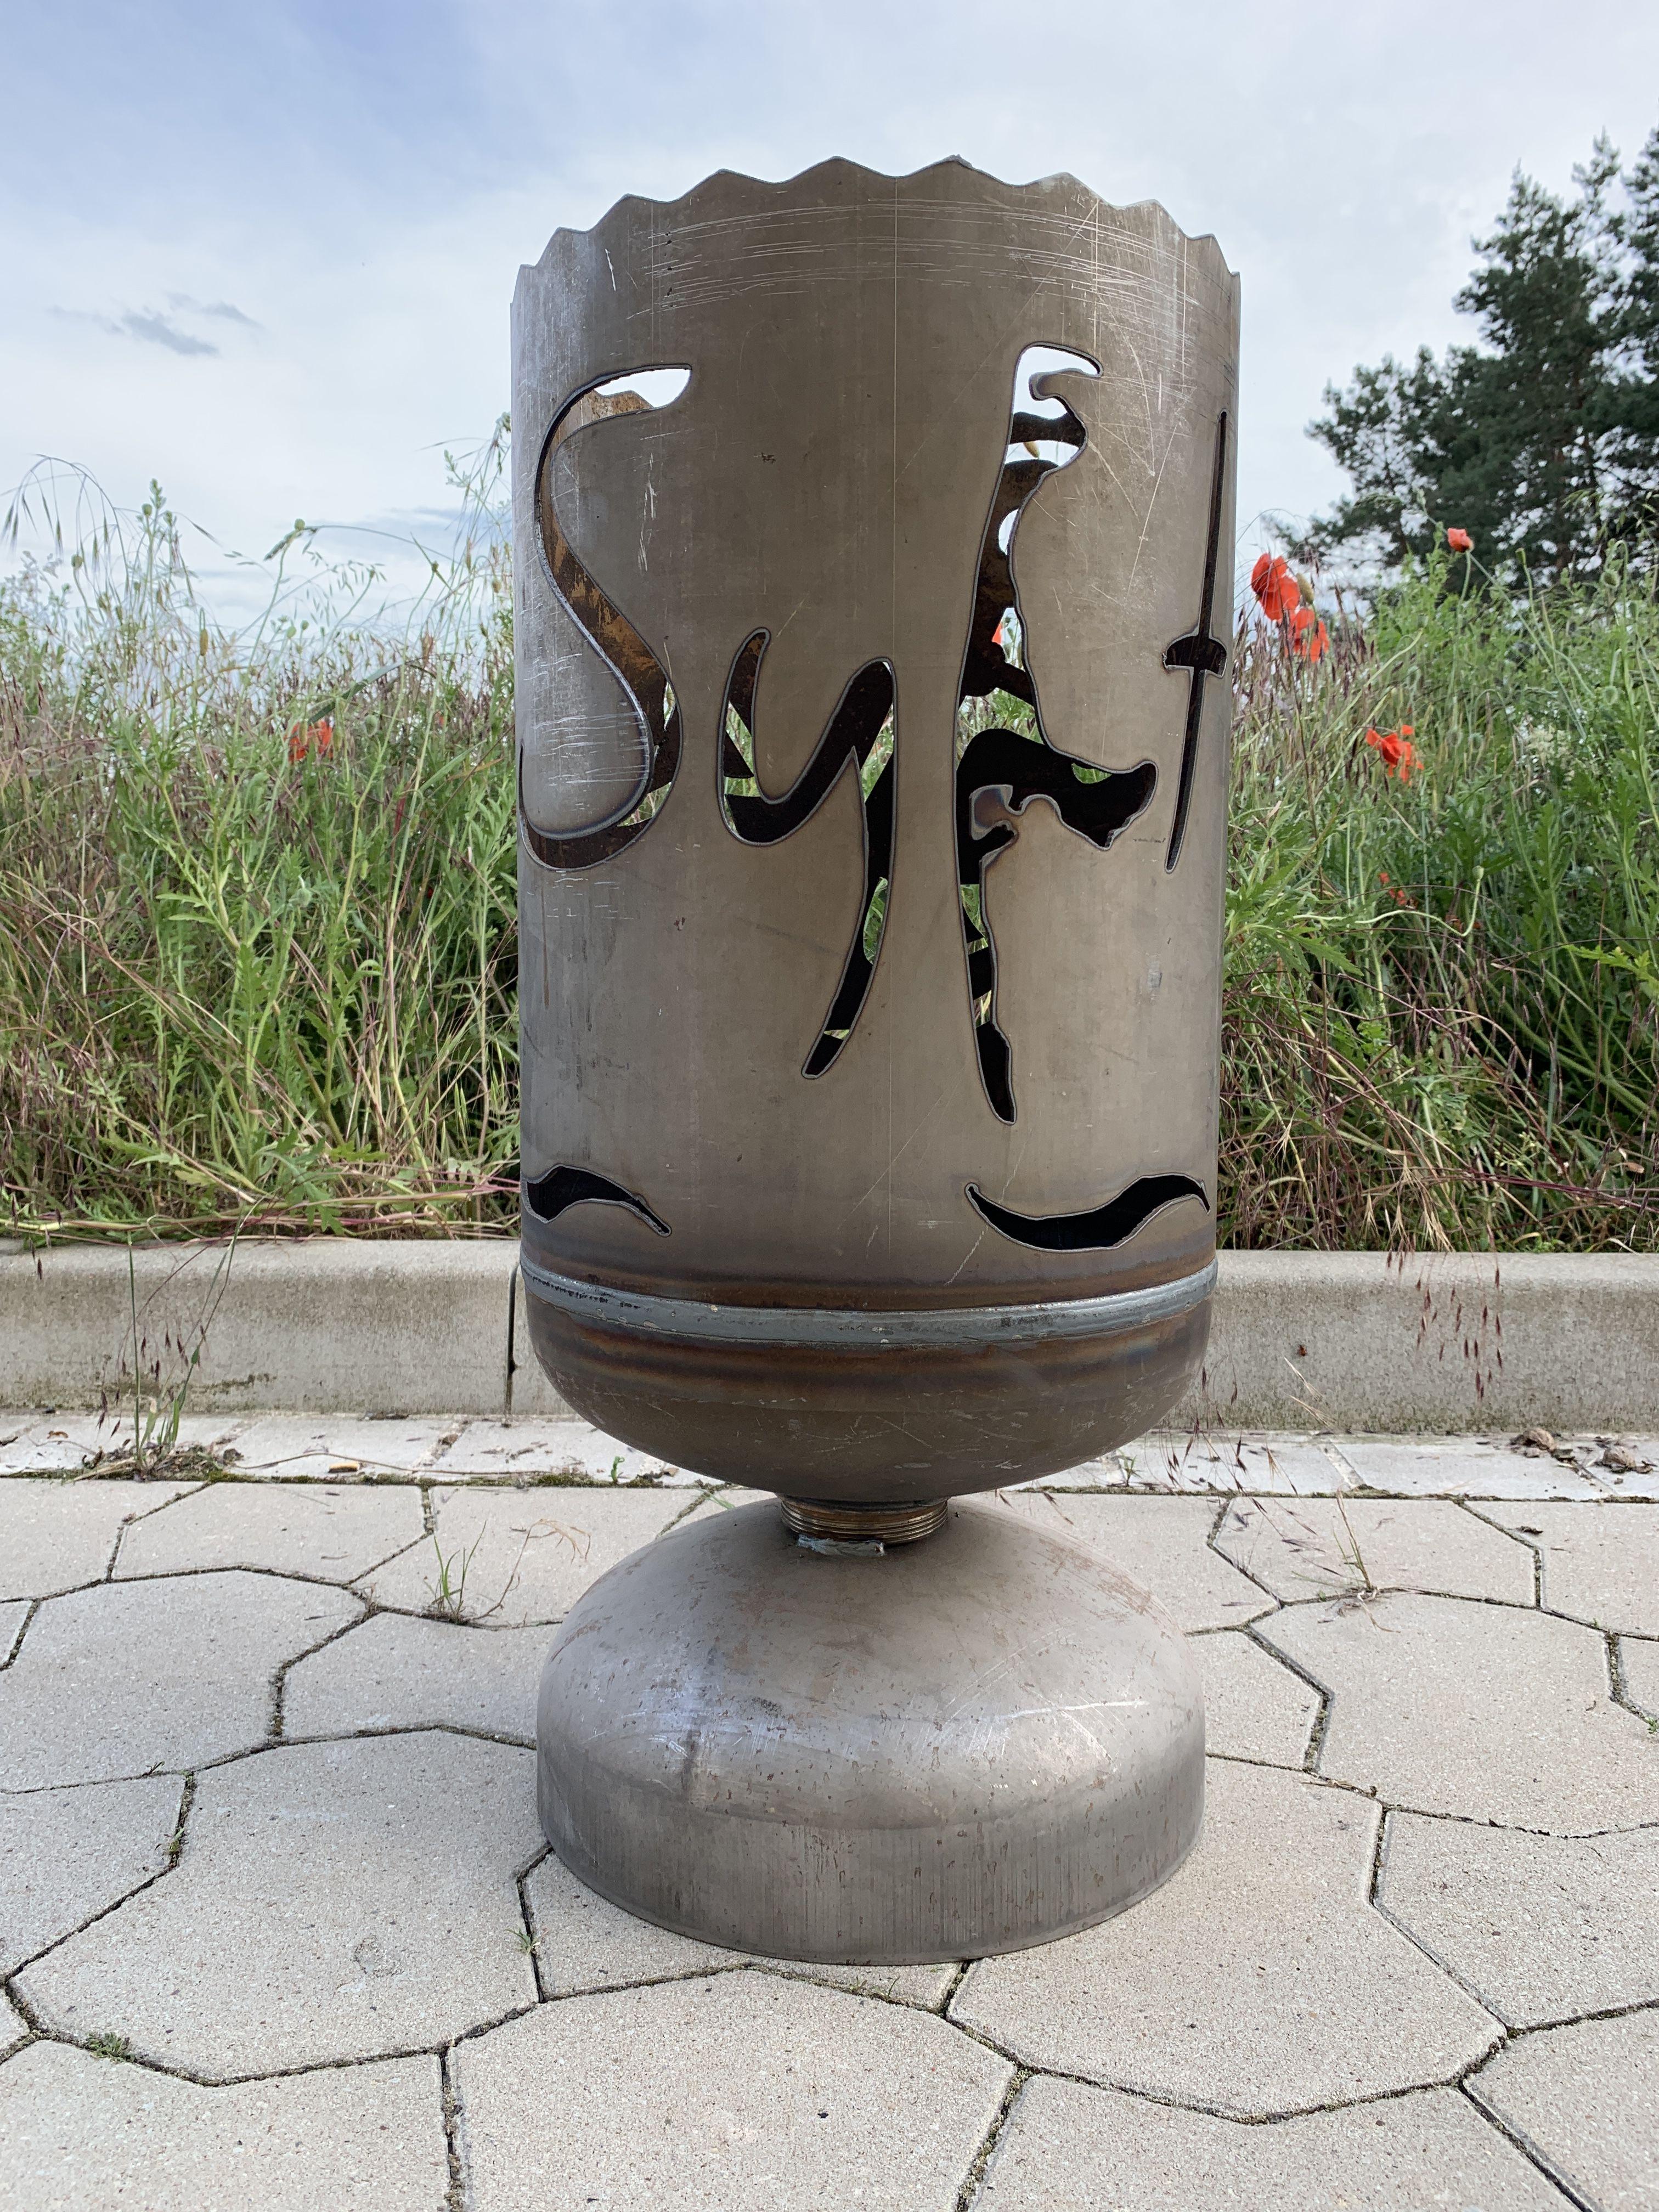 Feuerkorb Sylt Mit Anker Gasflasche Feuerkorb Gartenfeuer Korb